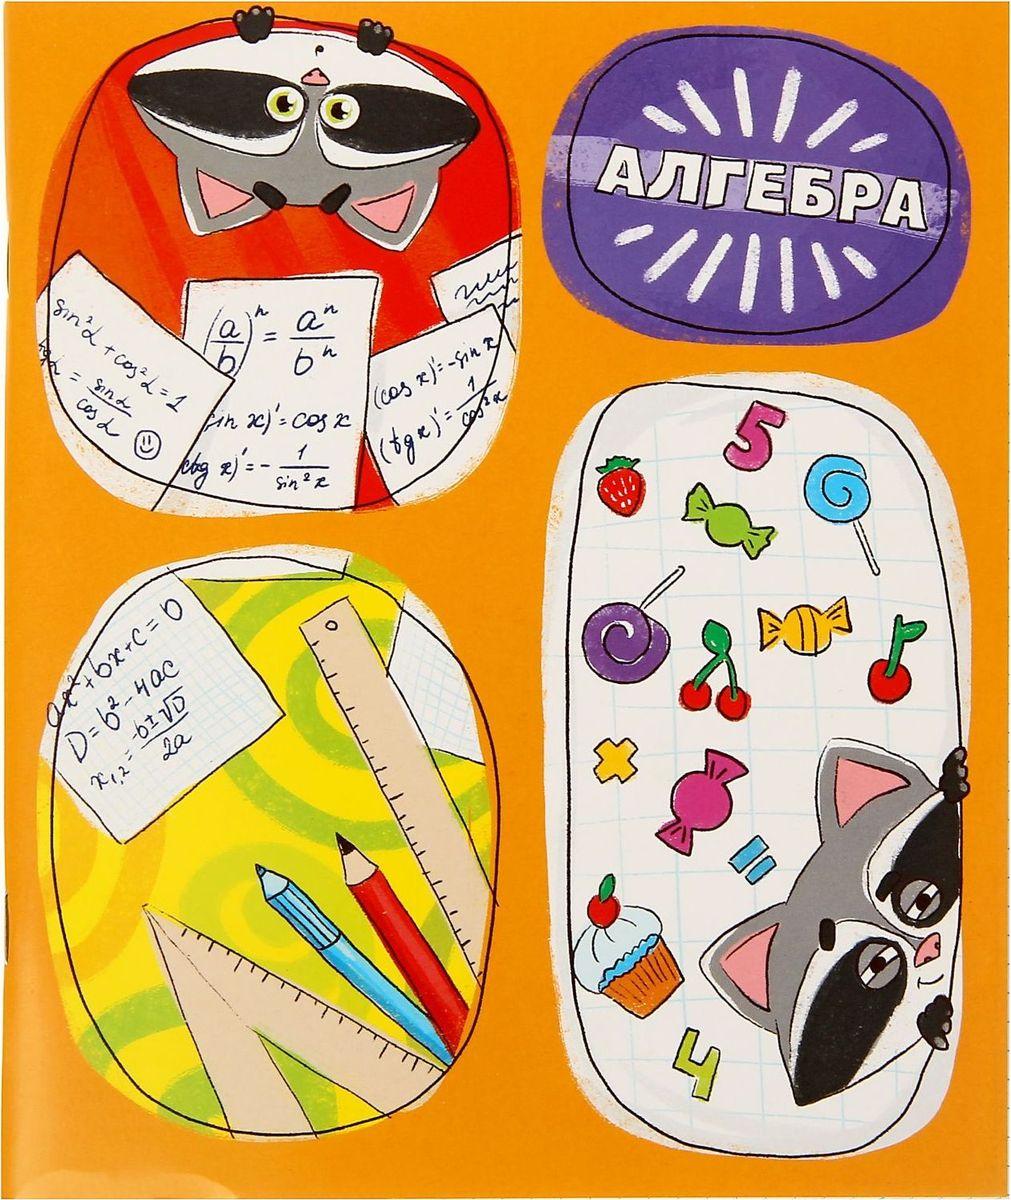 Тетрадь Алгебра 48 листов в клетку72523WDПорой процесс обучения — трудный и скучный. Чтобы пробудить у детей интерес к науке, мы создали замечательные яркие предметные тетради. Забавные картинки и справочный материал подарят отличное настроение. Учитесь с удовольствием и делайте свои удивительные открытия!